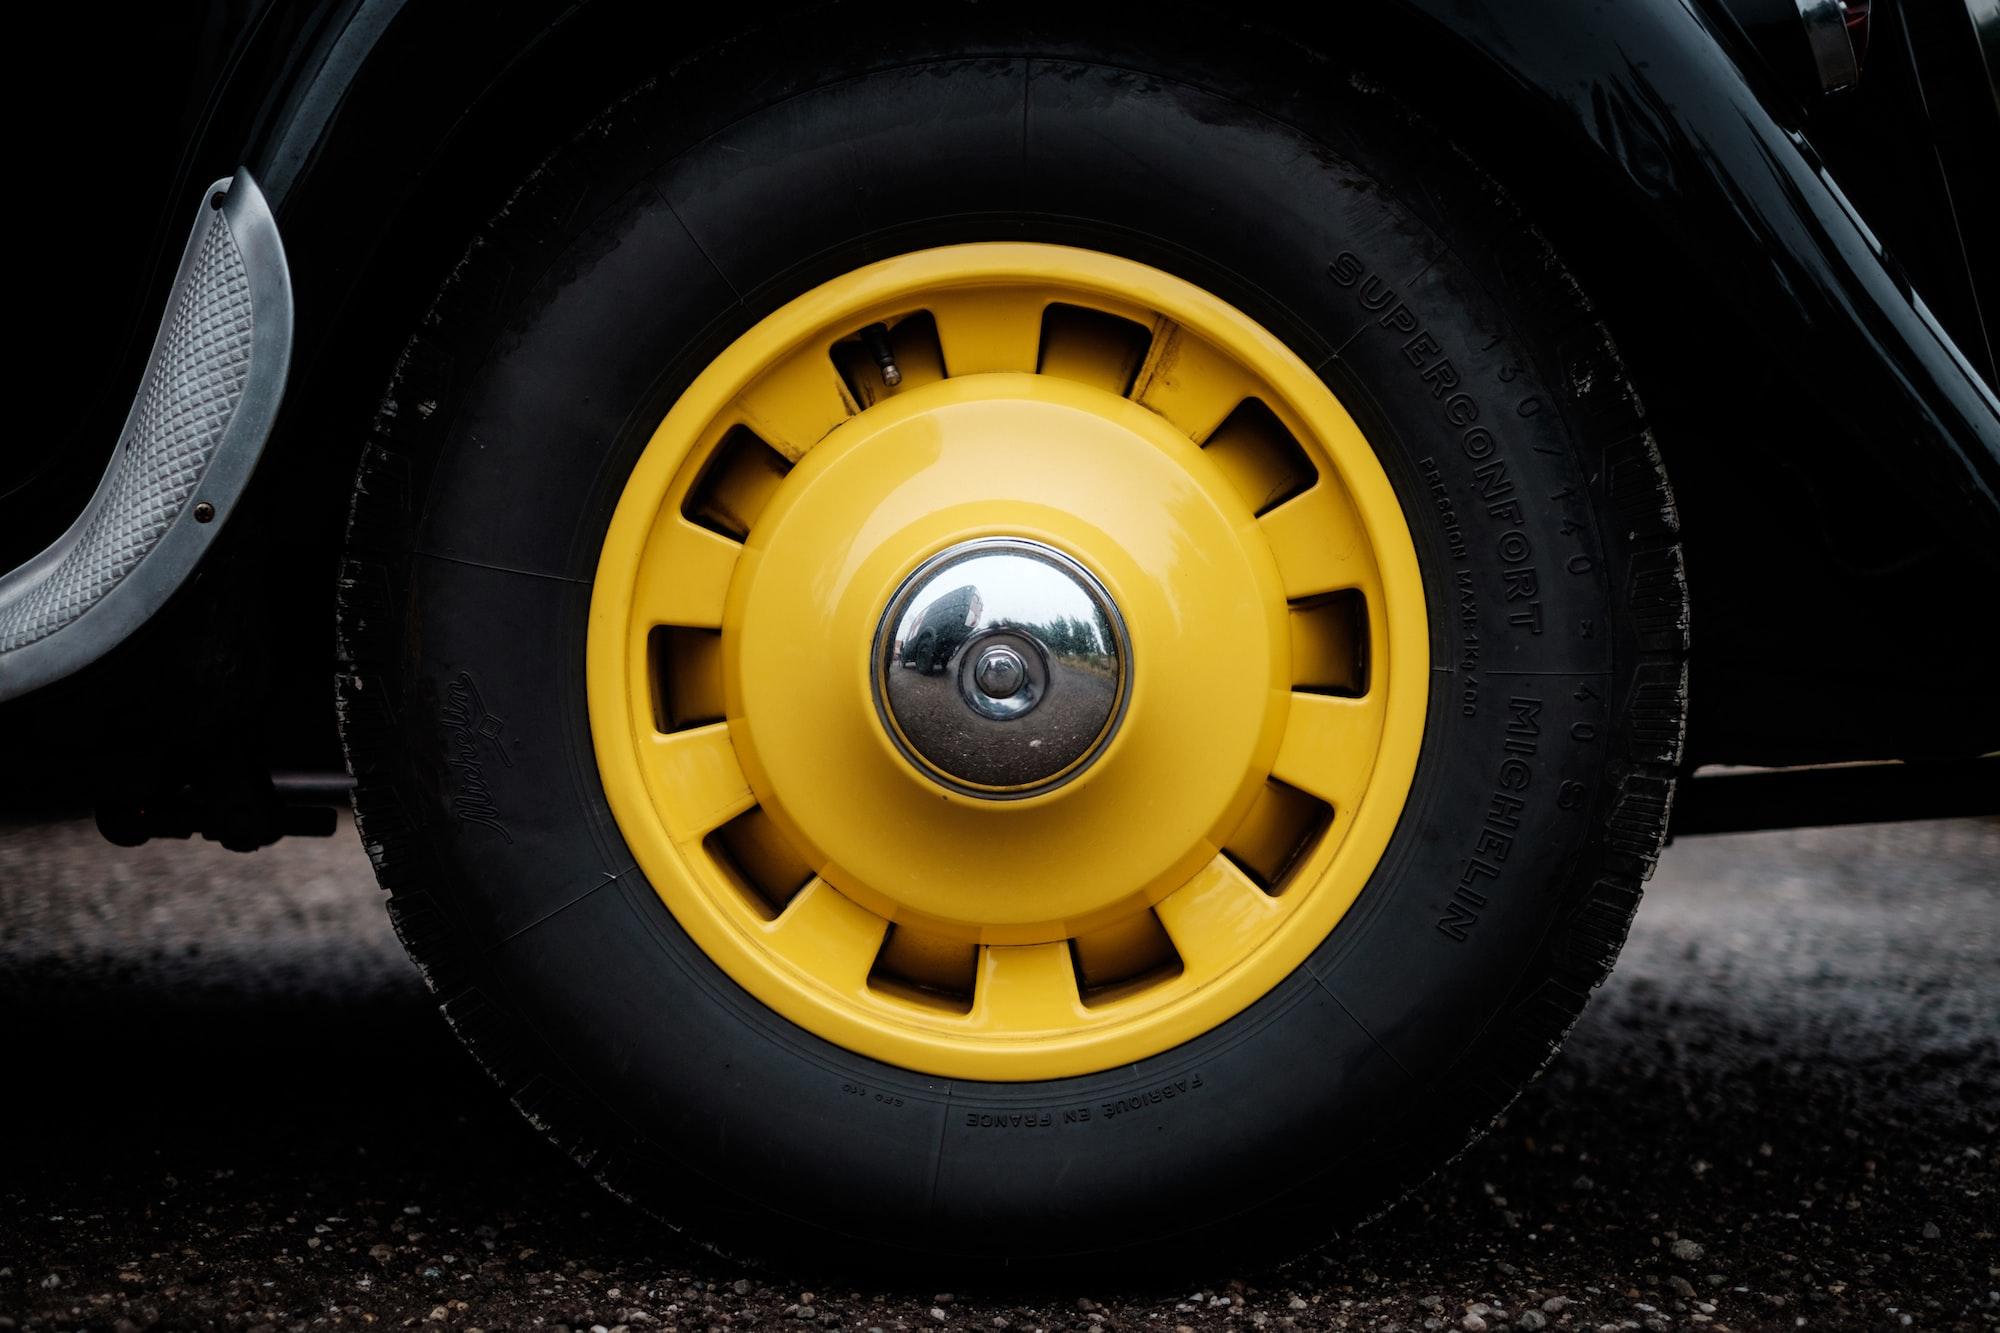 タイヤの偏摩耗10種類とその原因-タイヤの基礎知識